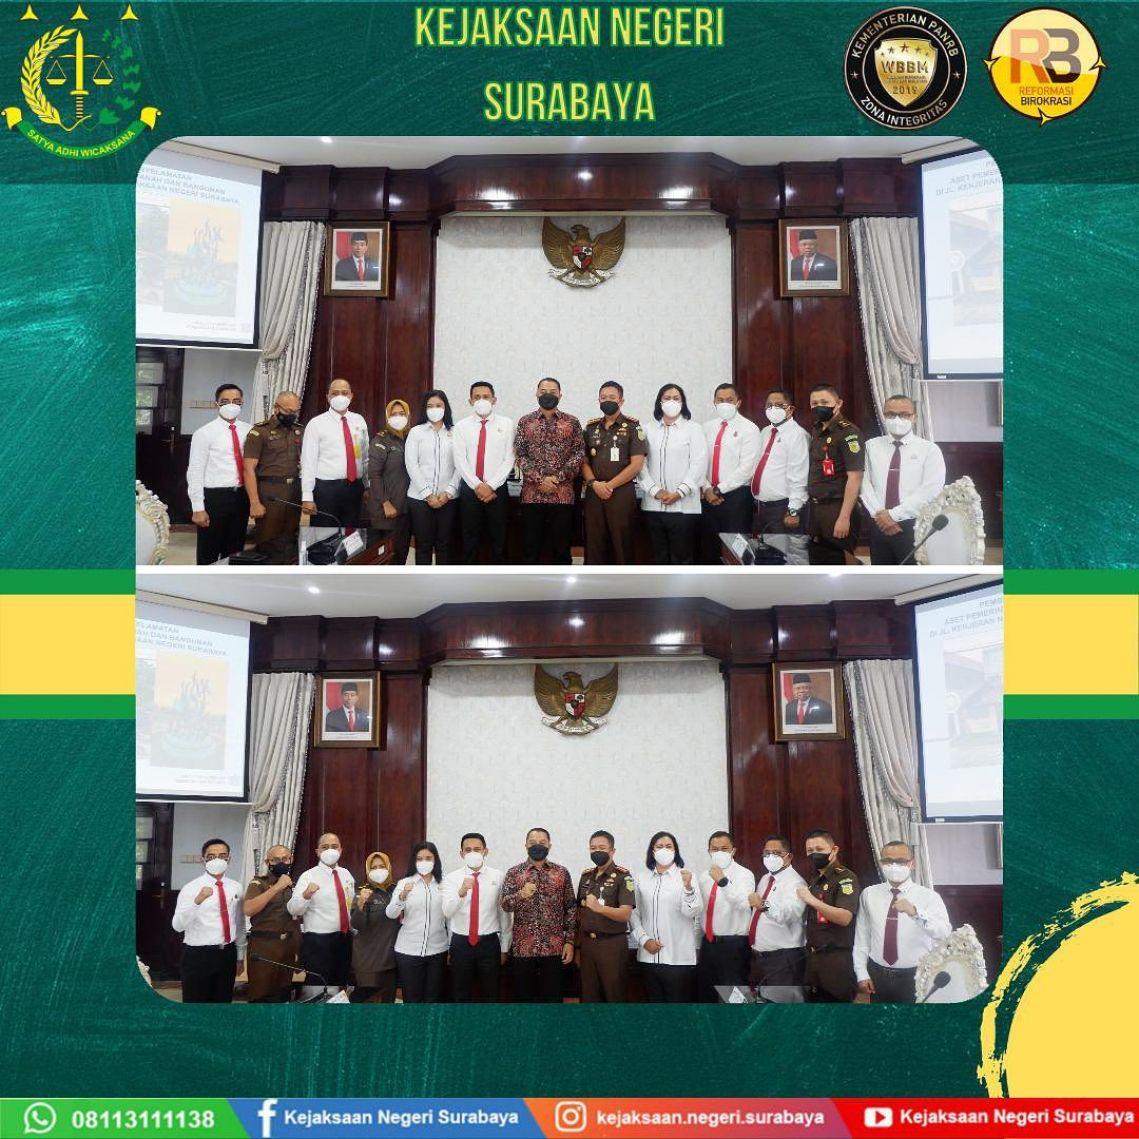 Pemberian Penghargaan Kejaksaan Negeri Surabaya